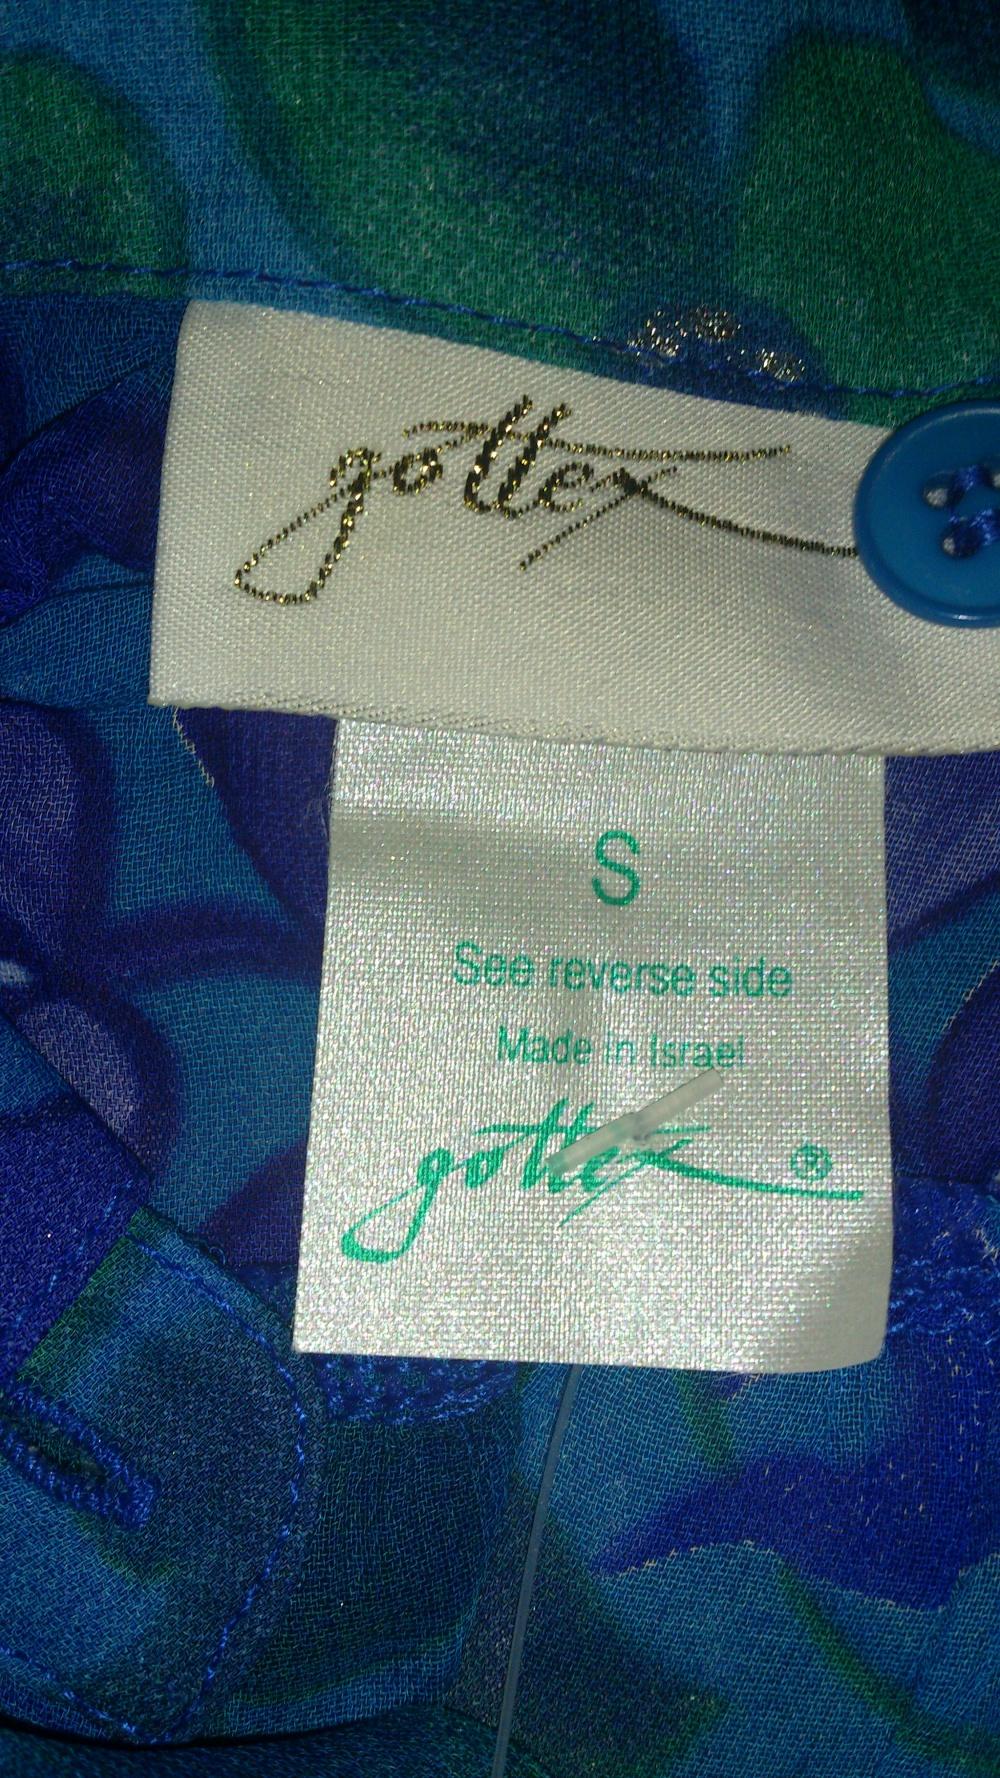 Туника  Gottex, размер S (амер) = 42 (рос), или !!!  блузка 54-56 (рос), Израиль